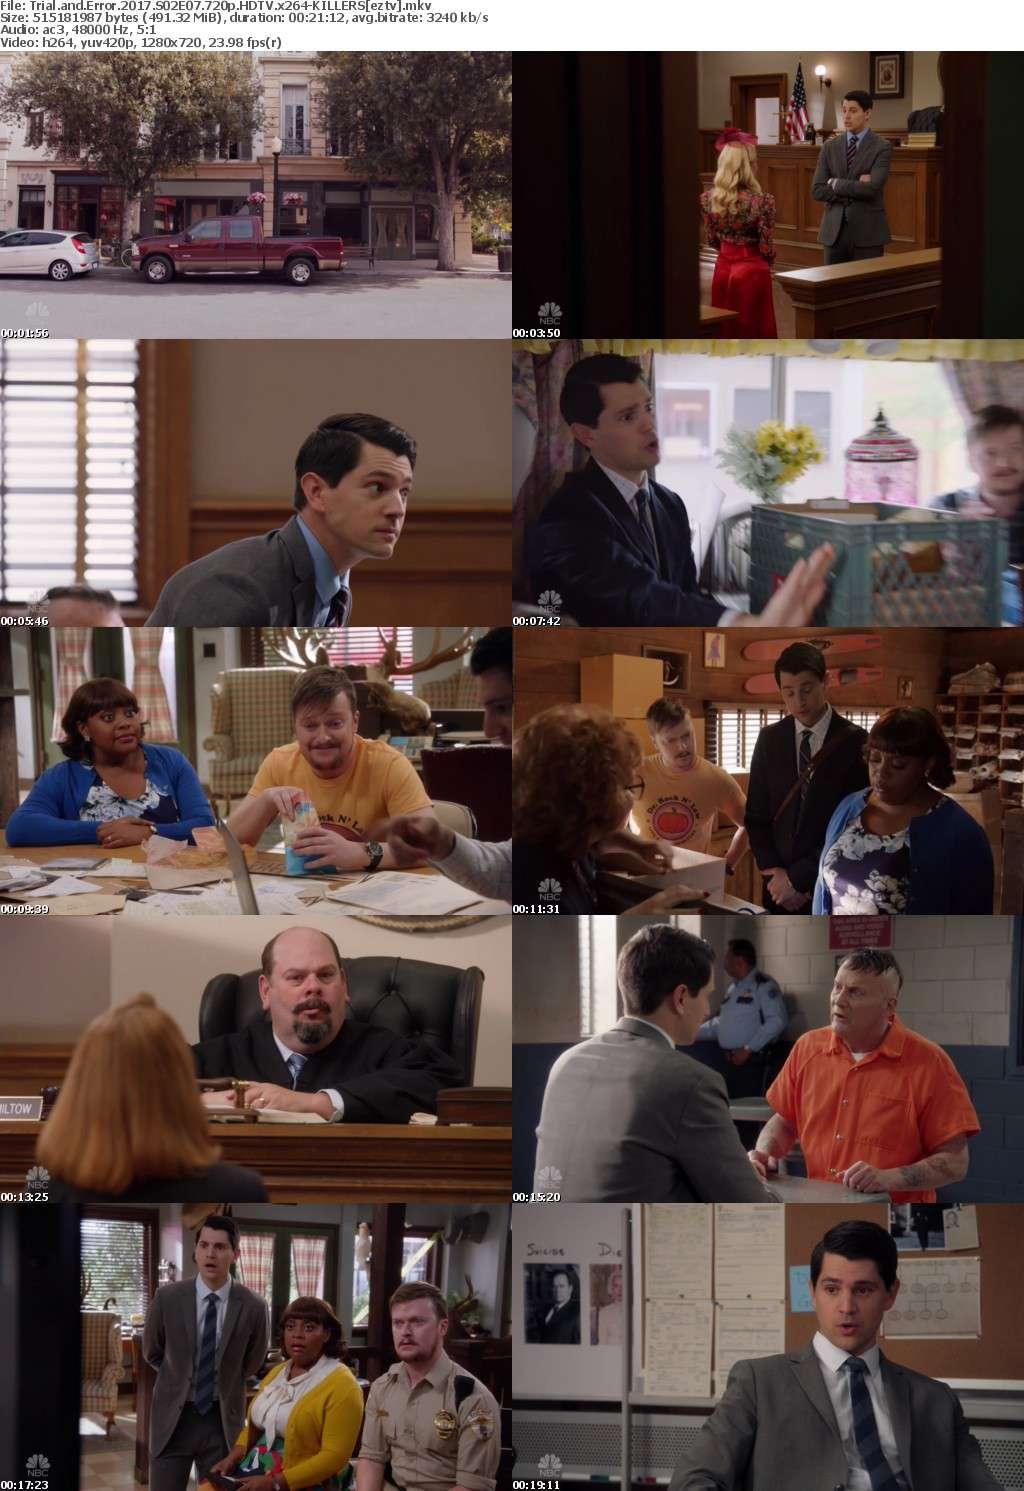 Trial and Error (2017) S02E07 720p HDTV x264-KILLERS